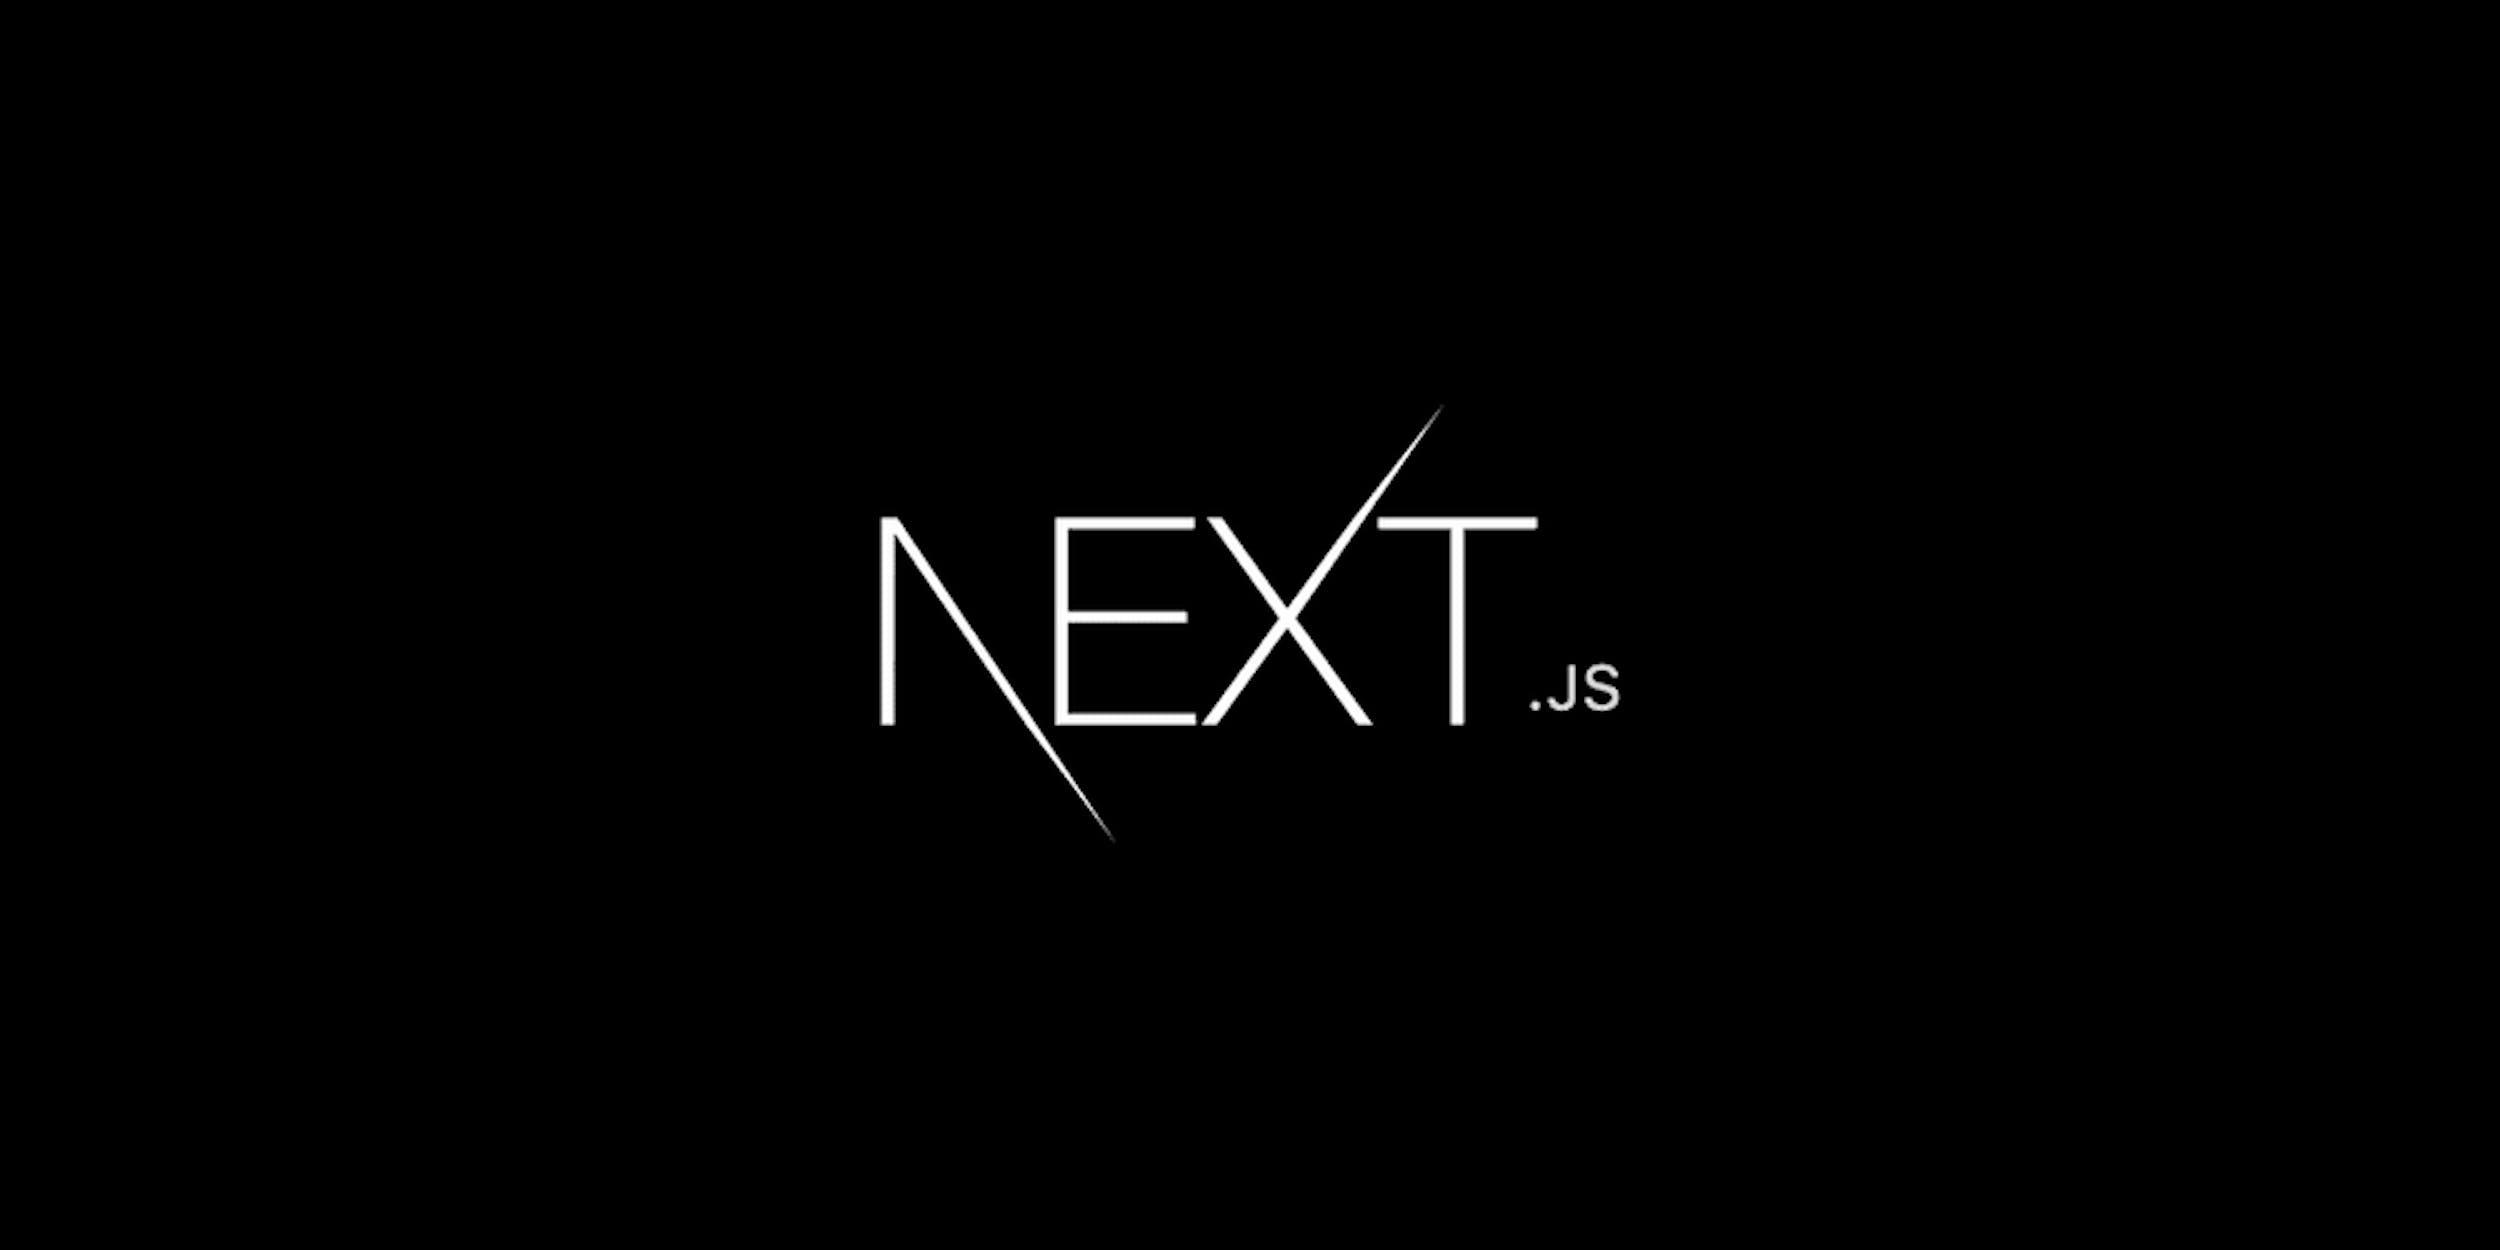 Nextjs logo